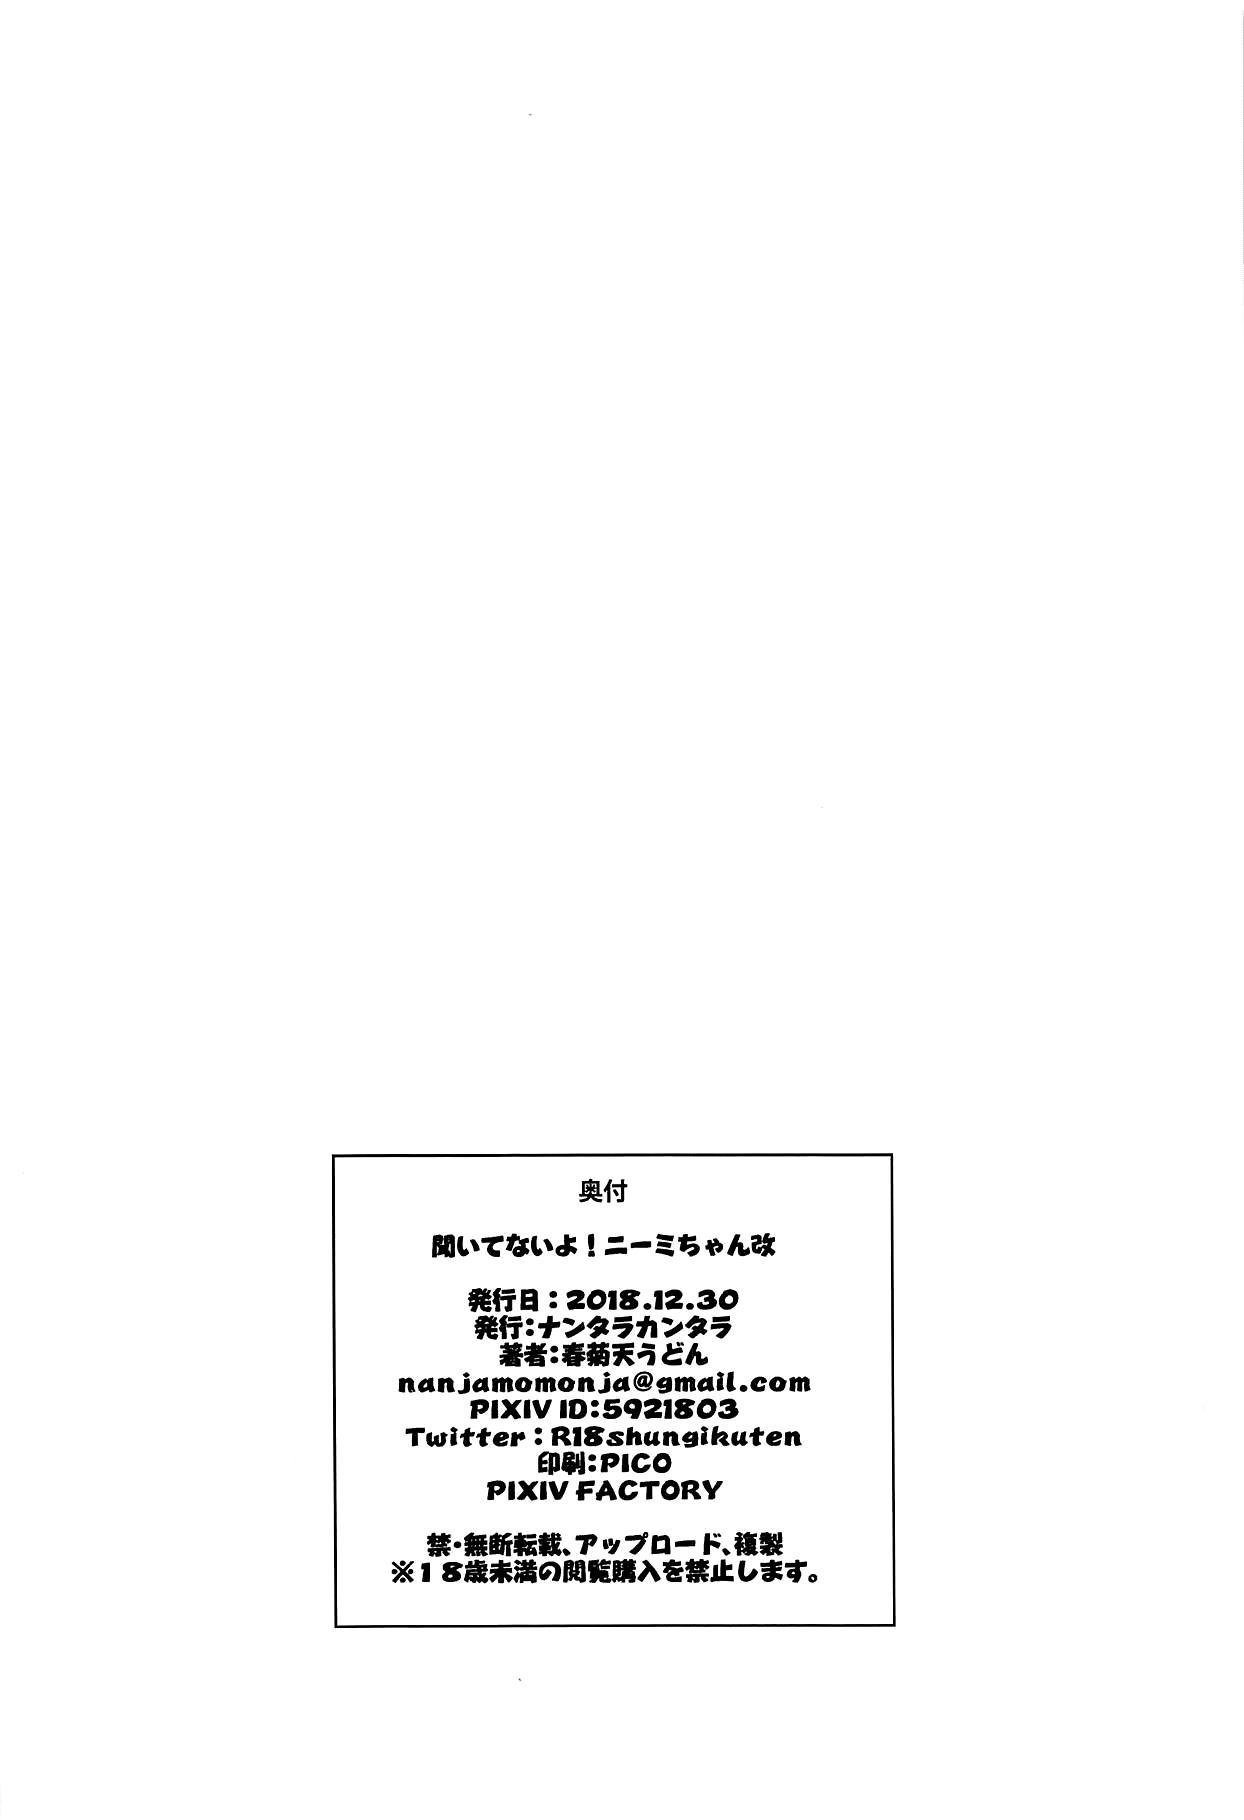 Kiitenai yo! Niimi-chan Kai   You Didn't Tell Us You Were Getting a Retrofit, Z23! 19